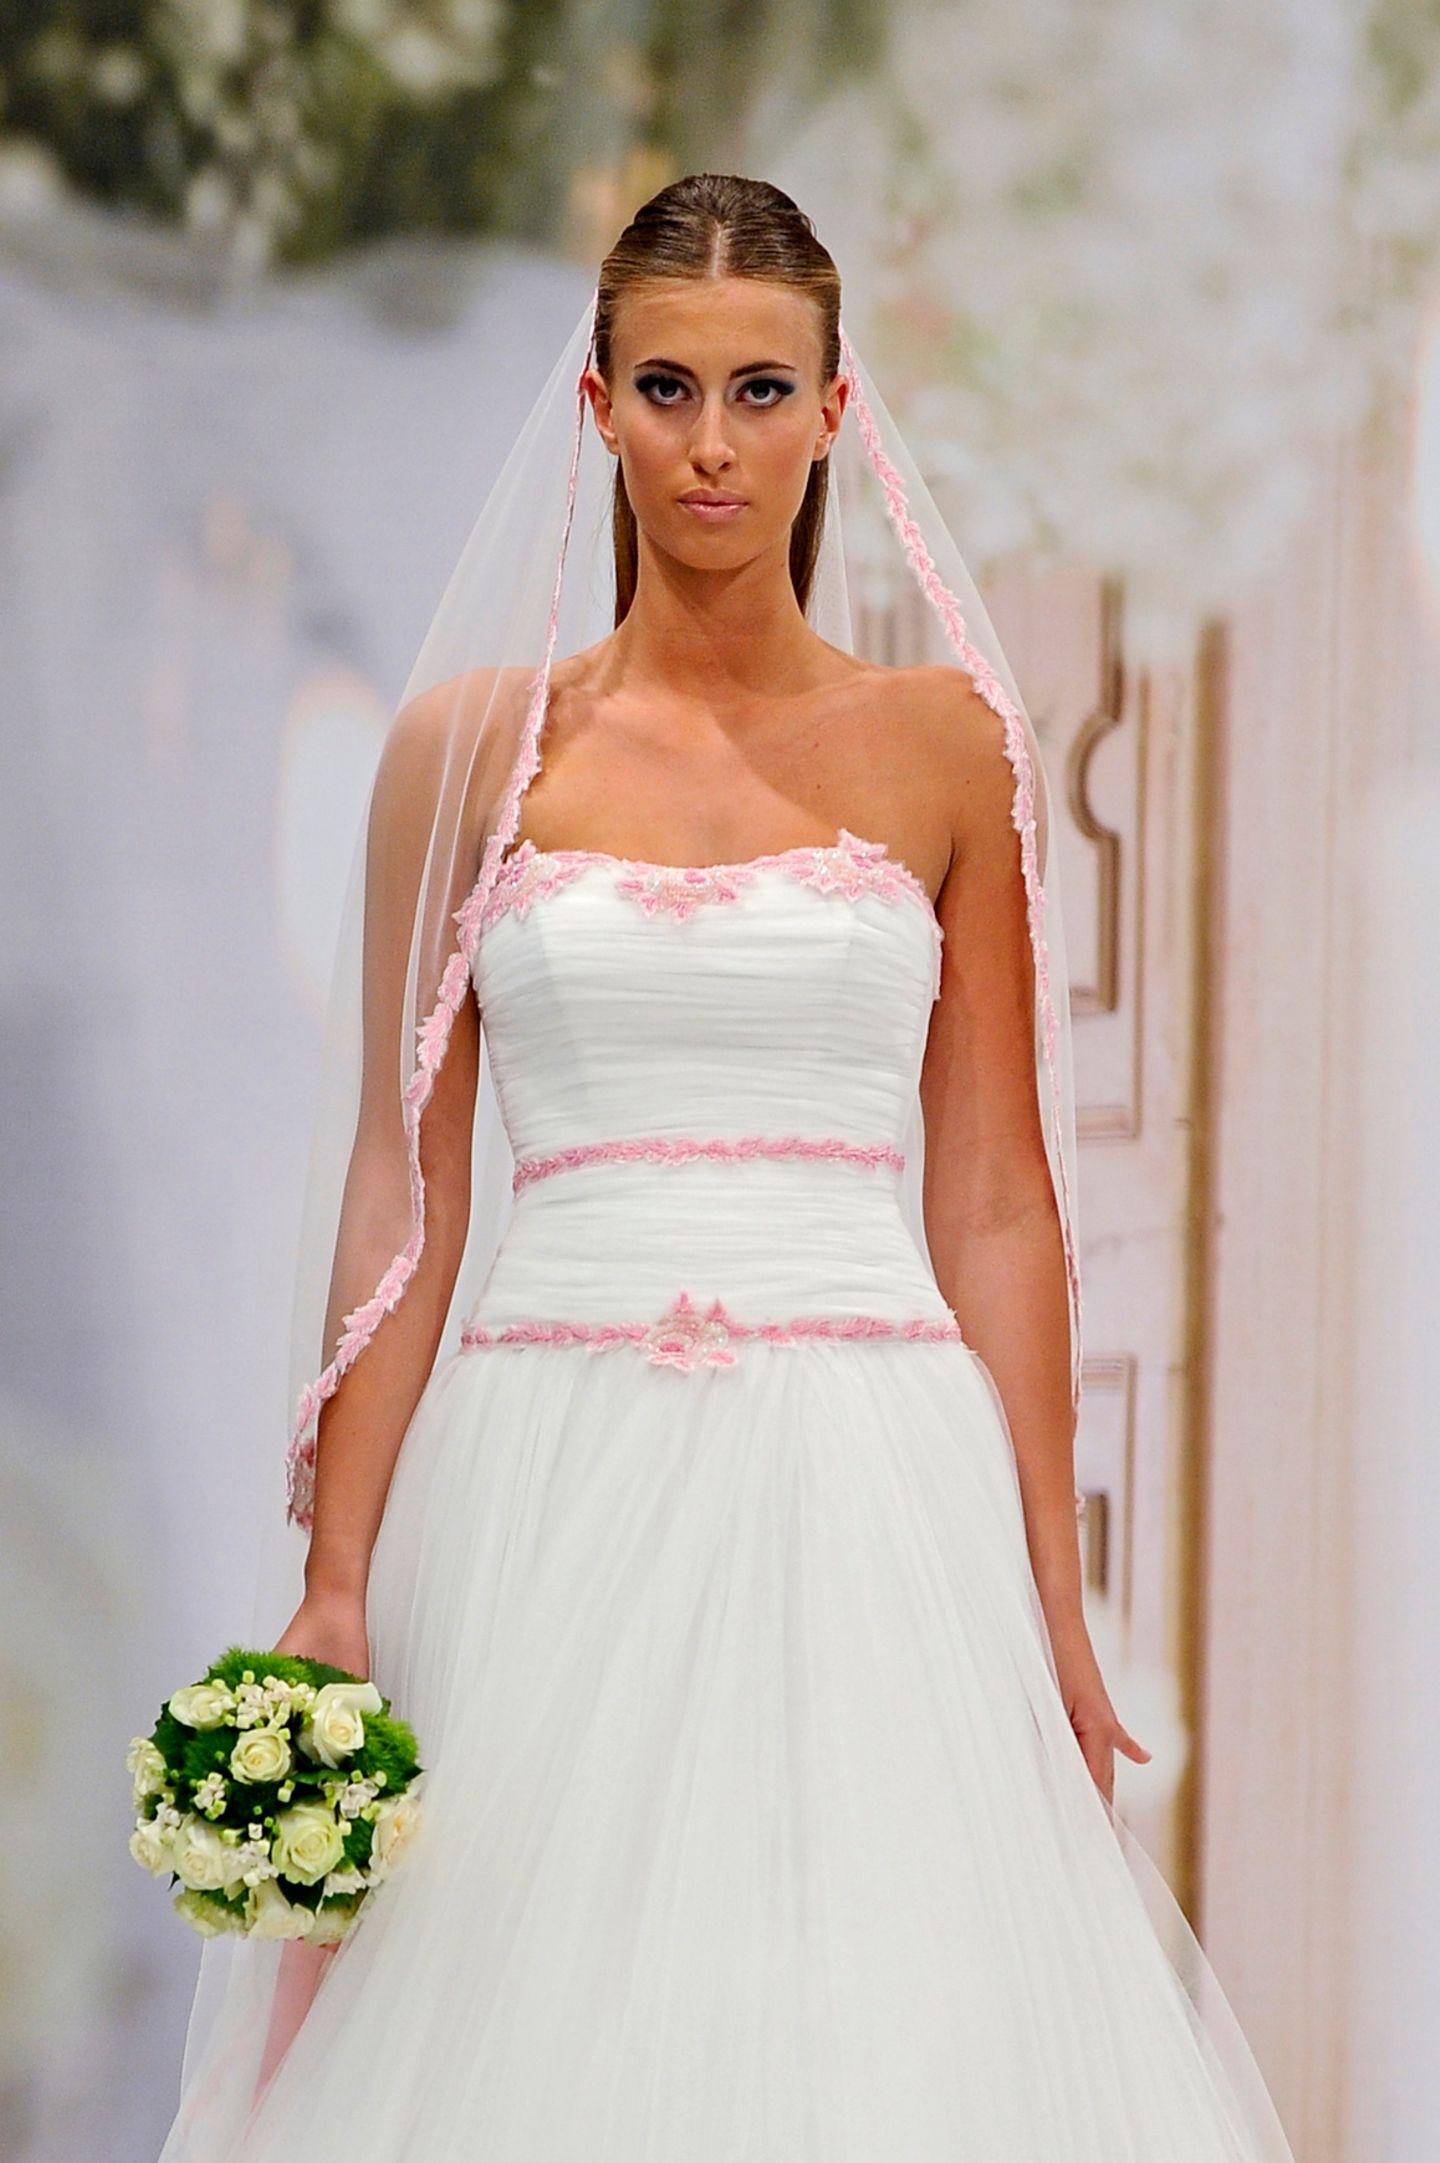 Brautfrisur mit Schleier: Frau mit Brautkleid, zweifarbigem Schleier und Brautstrauß